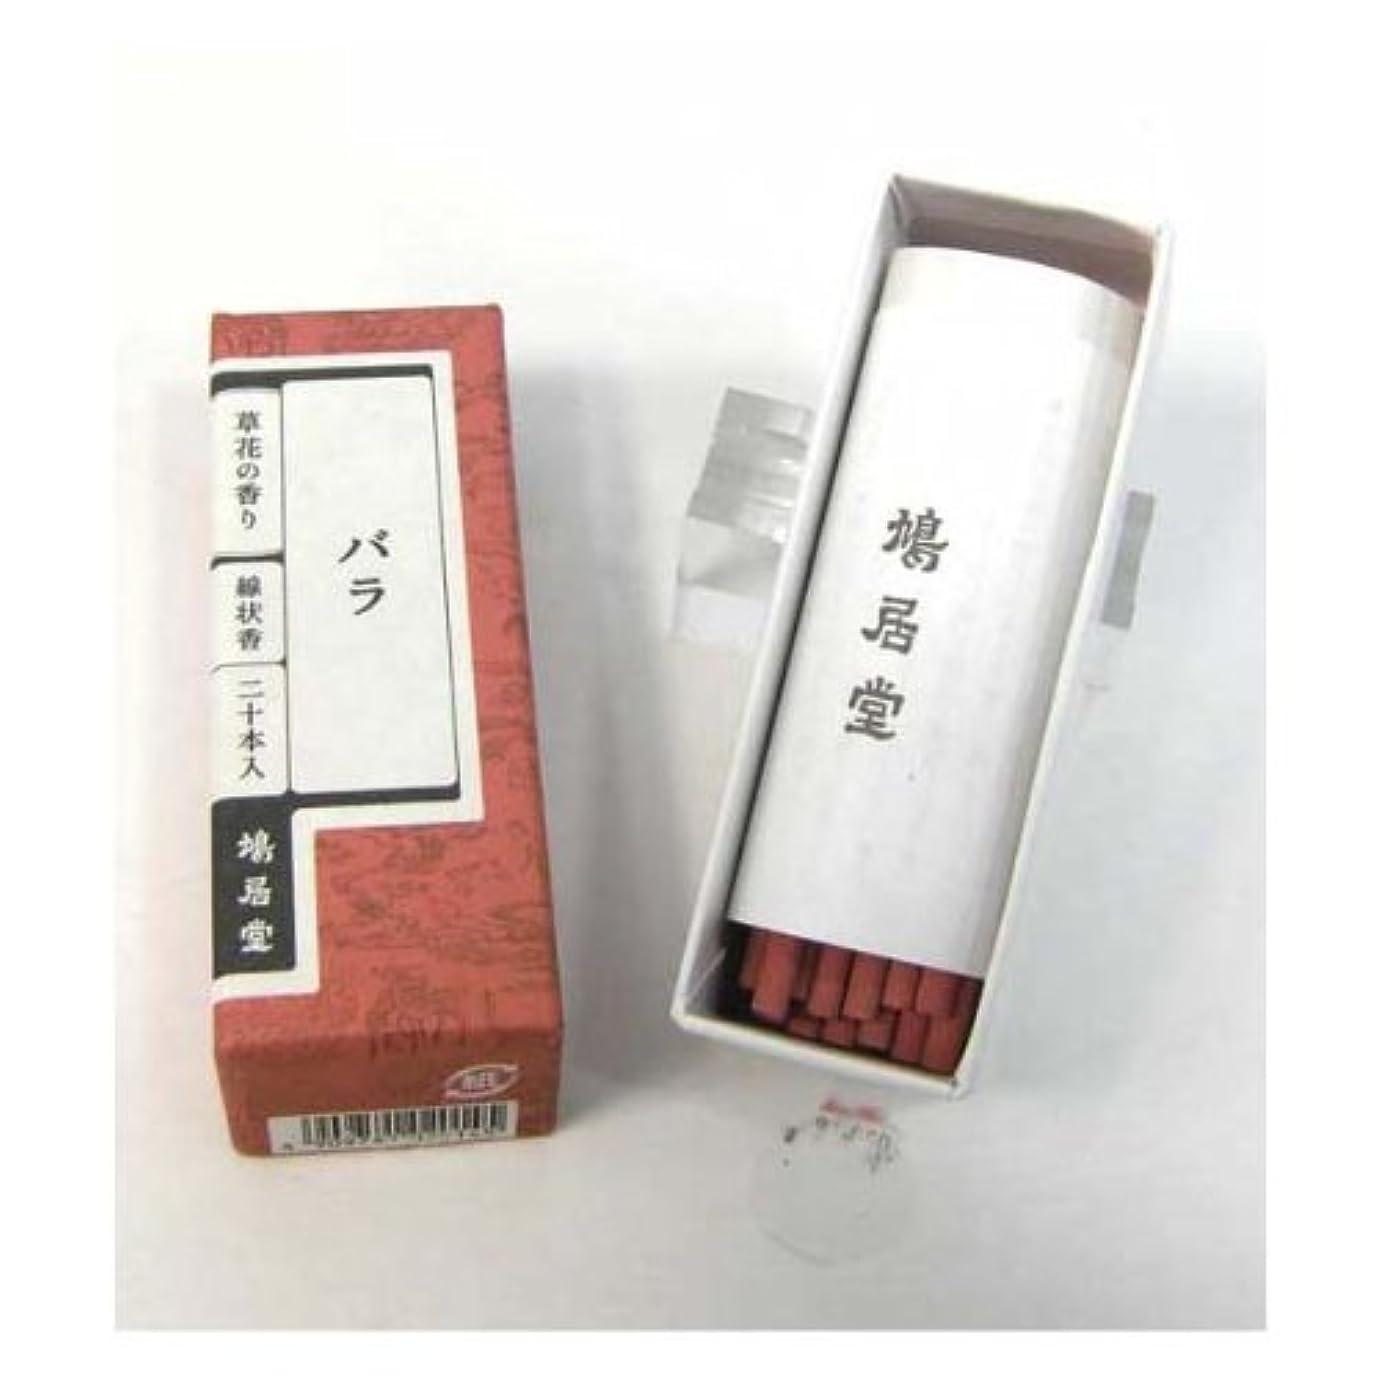 硫黄エレクトロニック技術鳩居堂 お香 バラ/薔薇 草花の香りシリーズ スティックタイプ(棒状香)20本いり